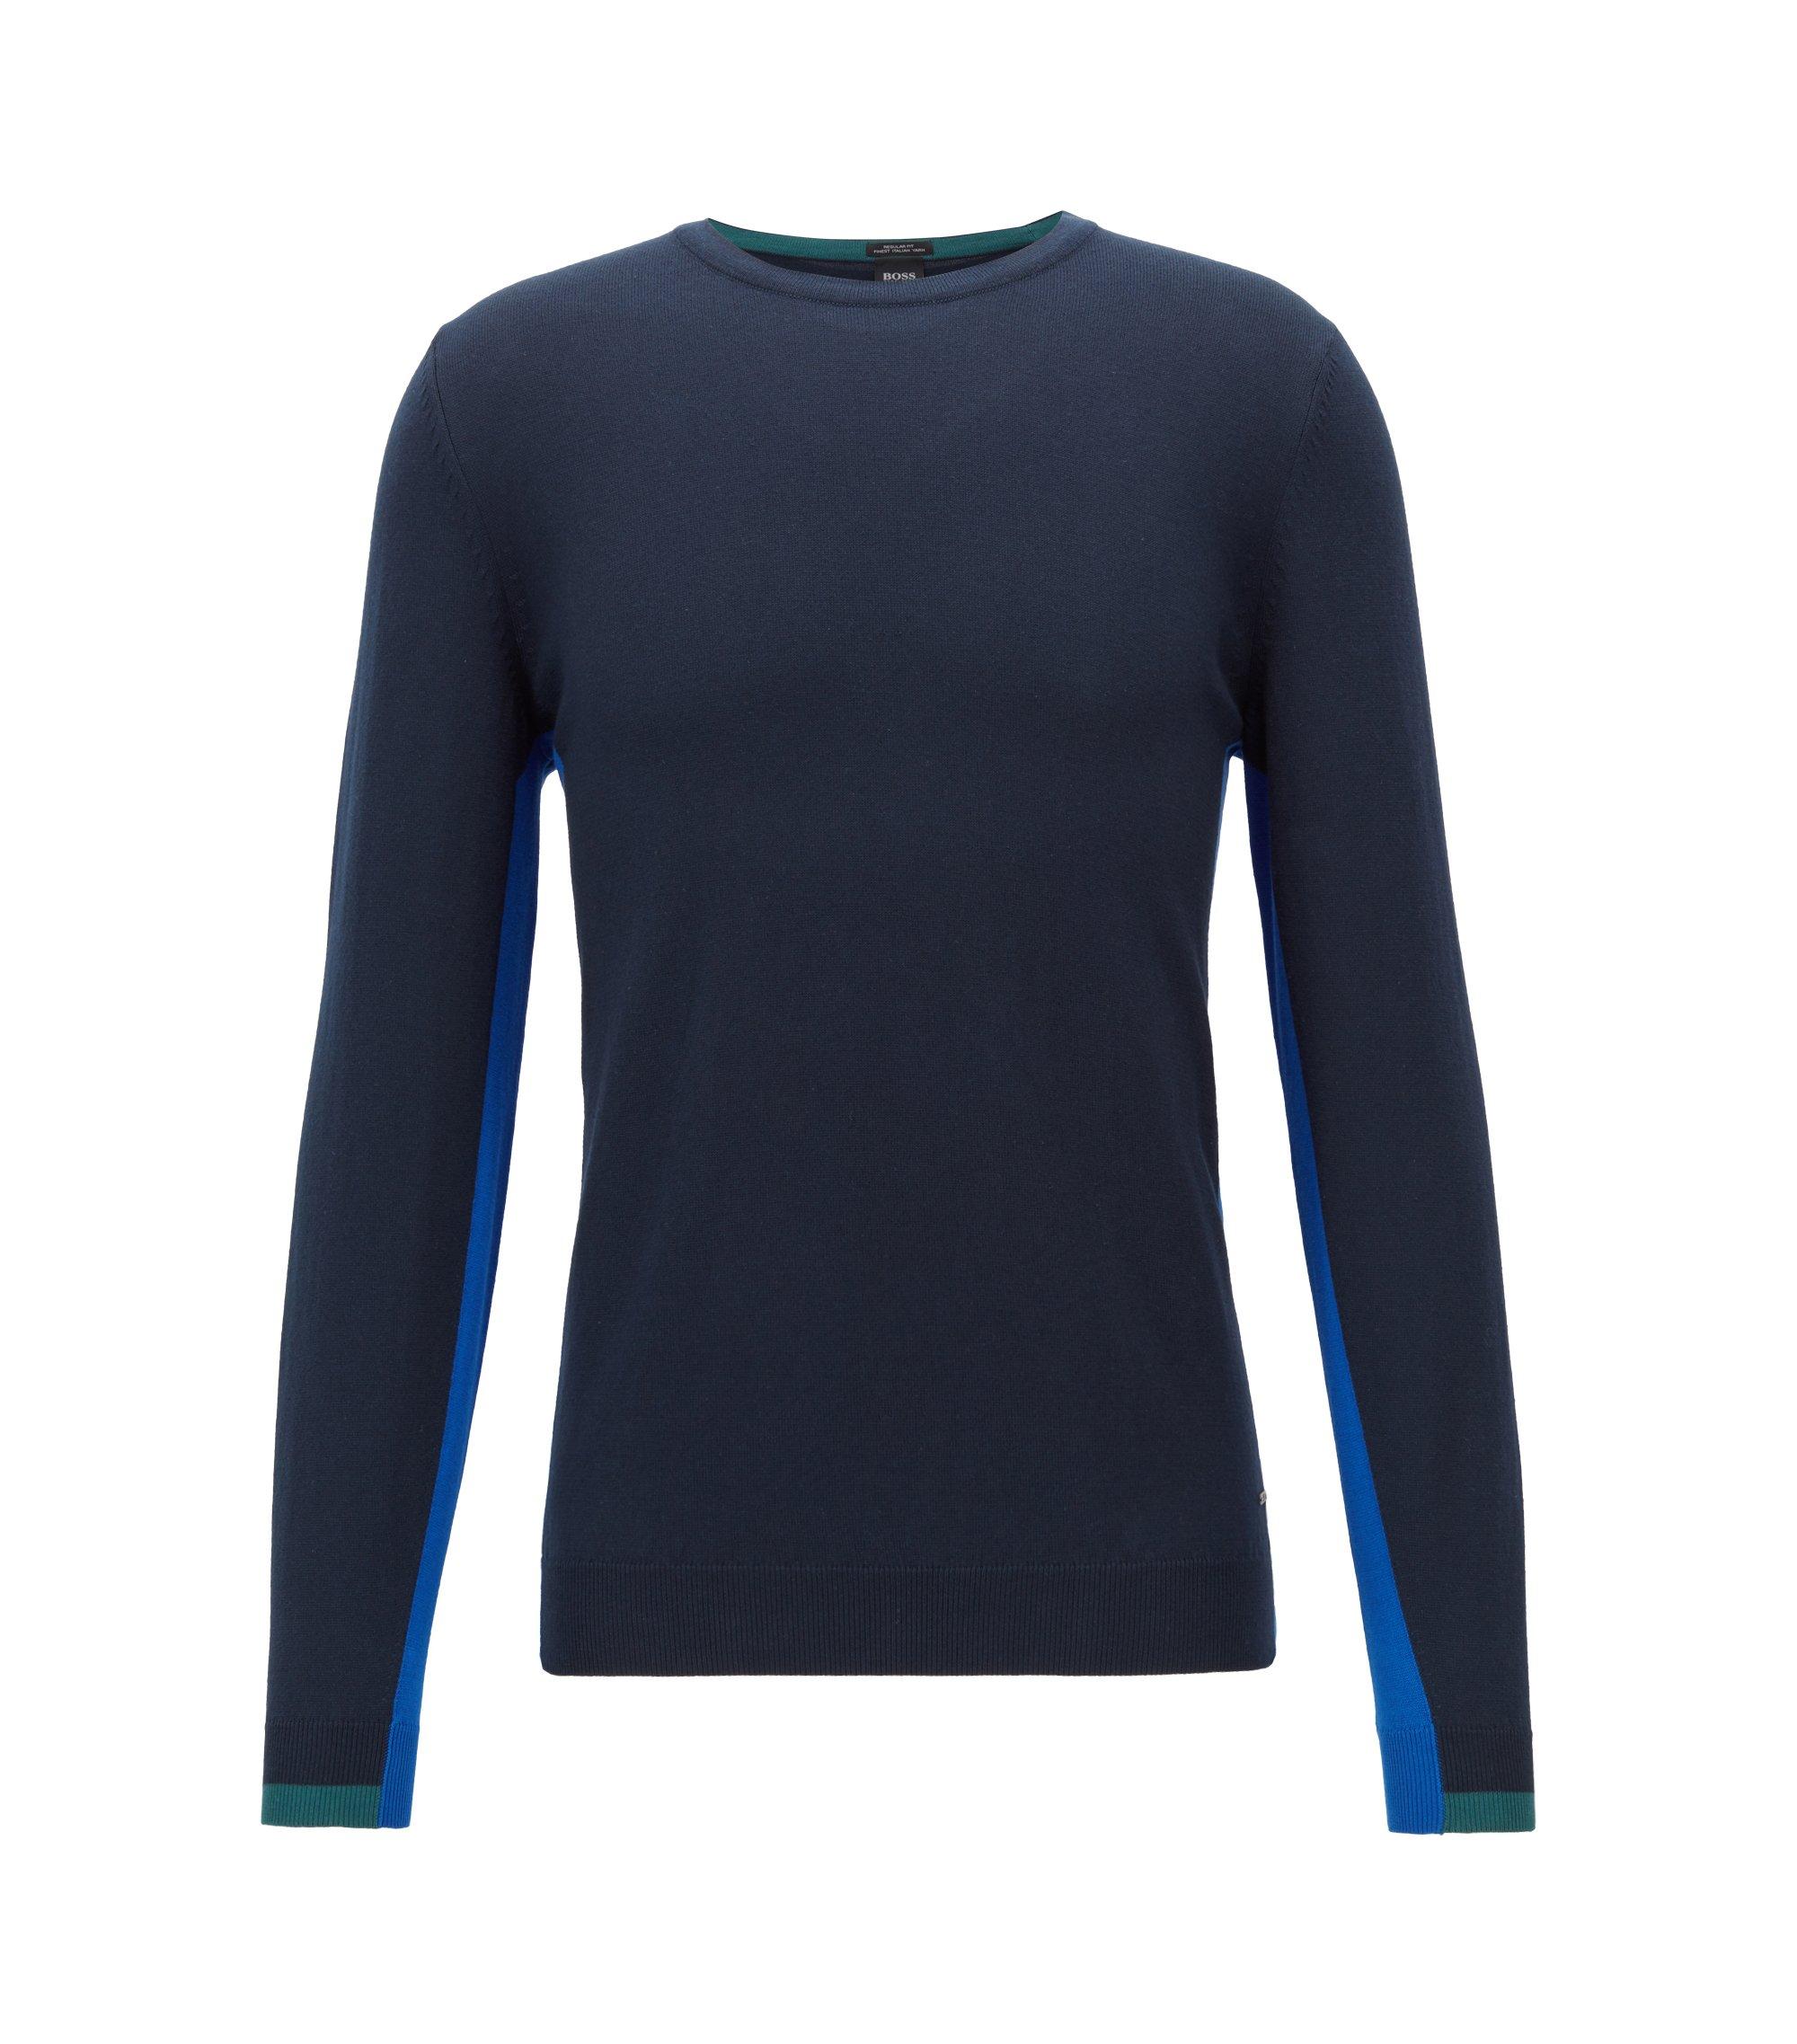 Pull à col ras-du-cou en pur coton, à détails intarsia color block, Bleu